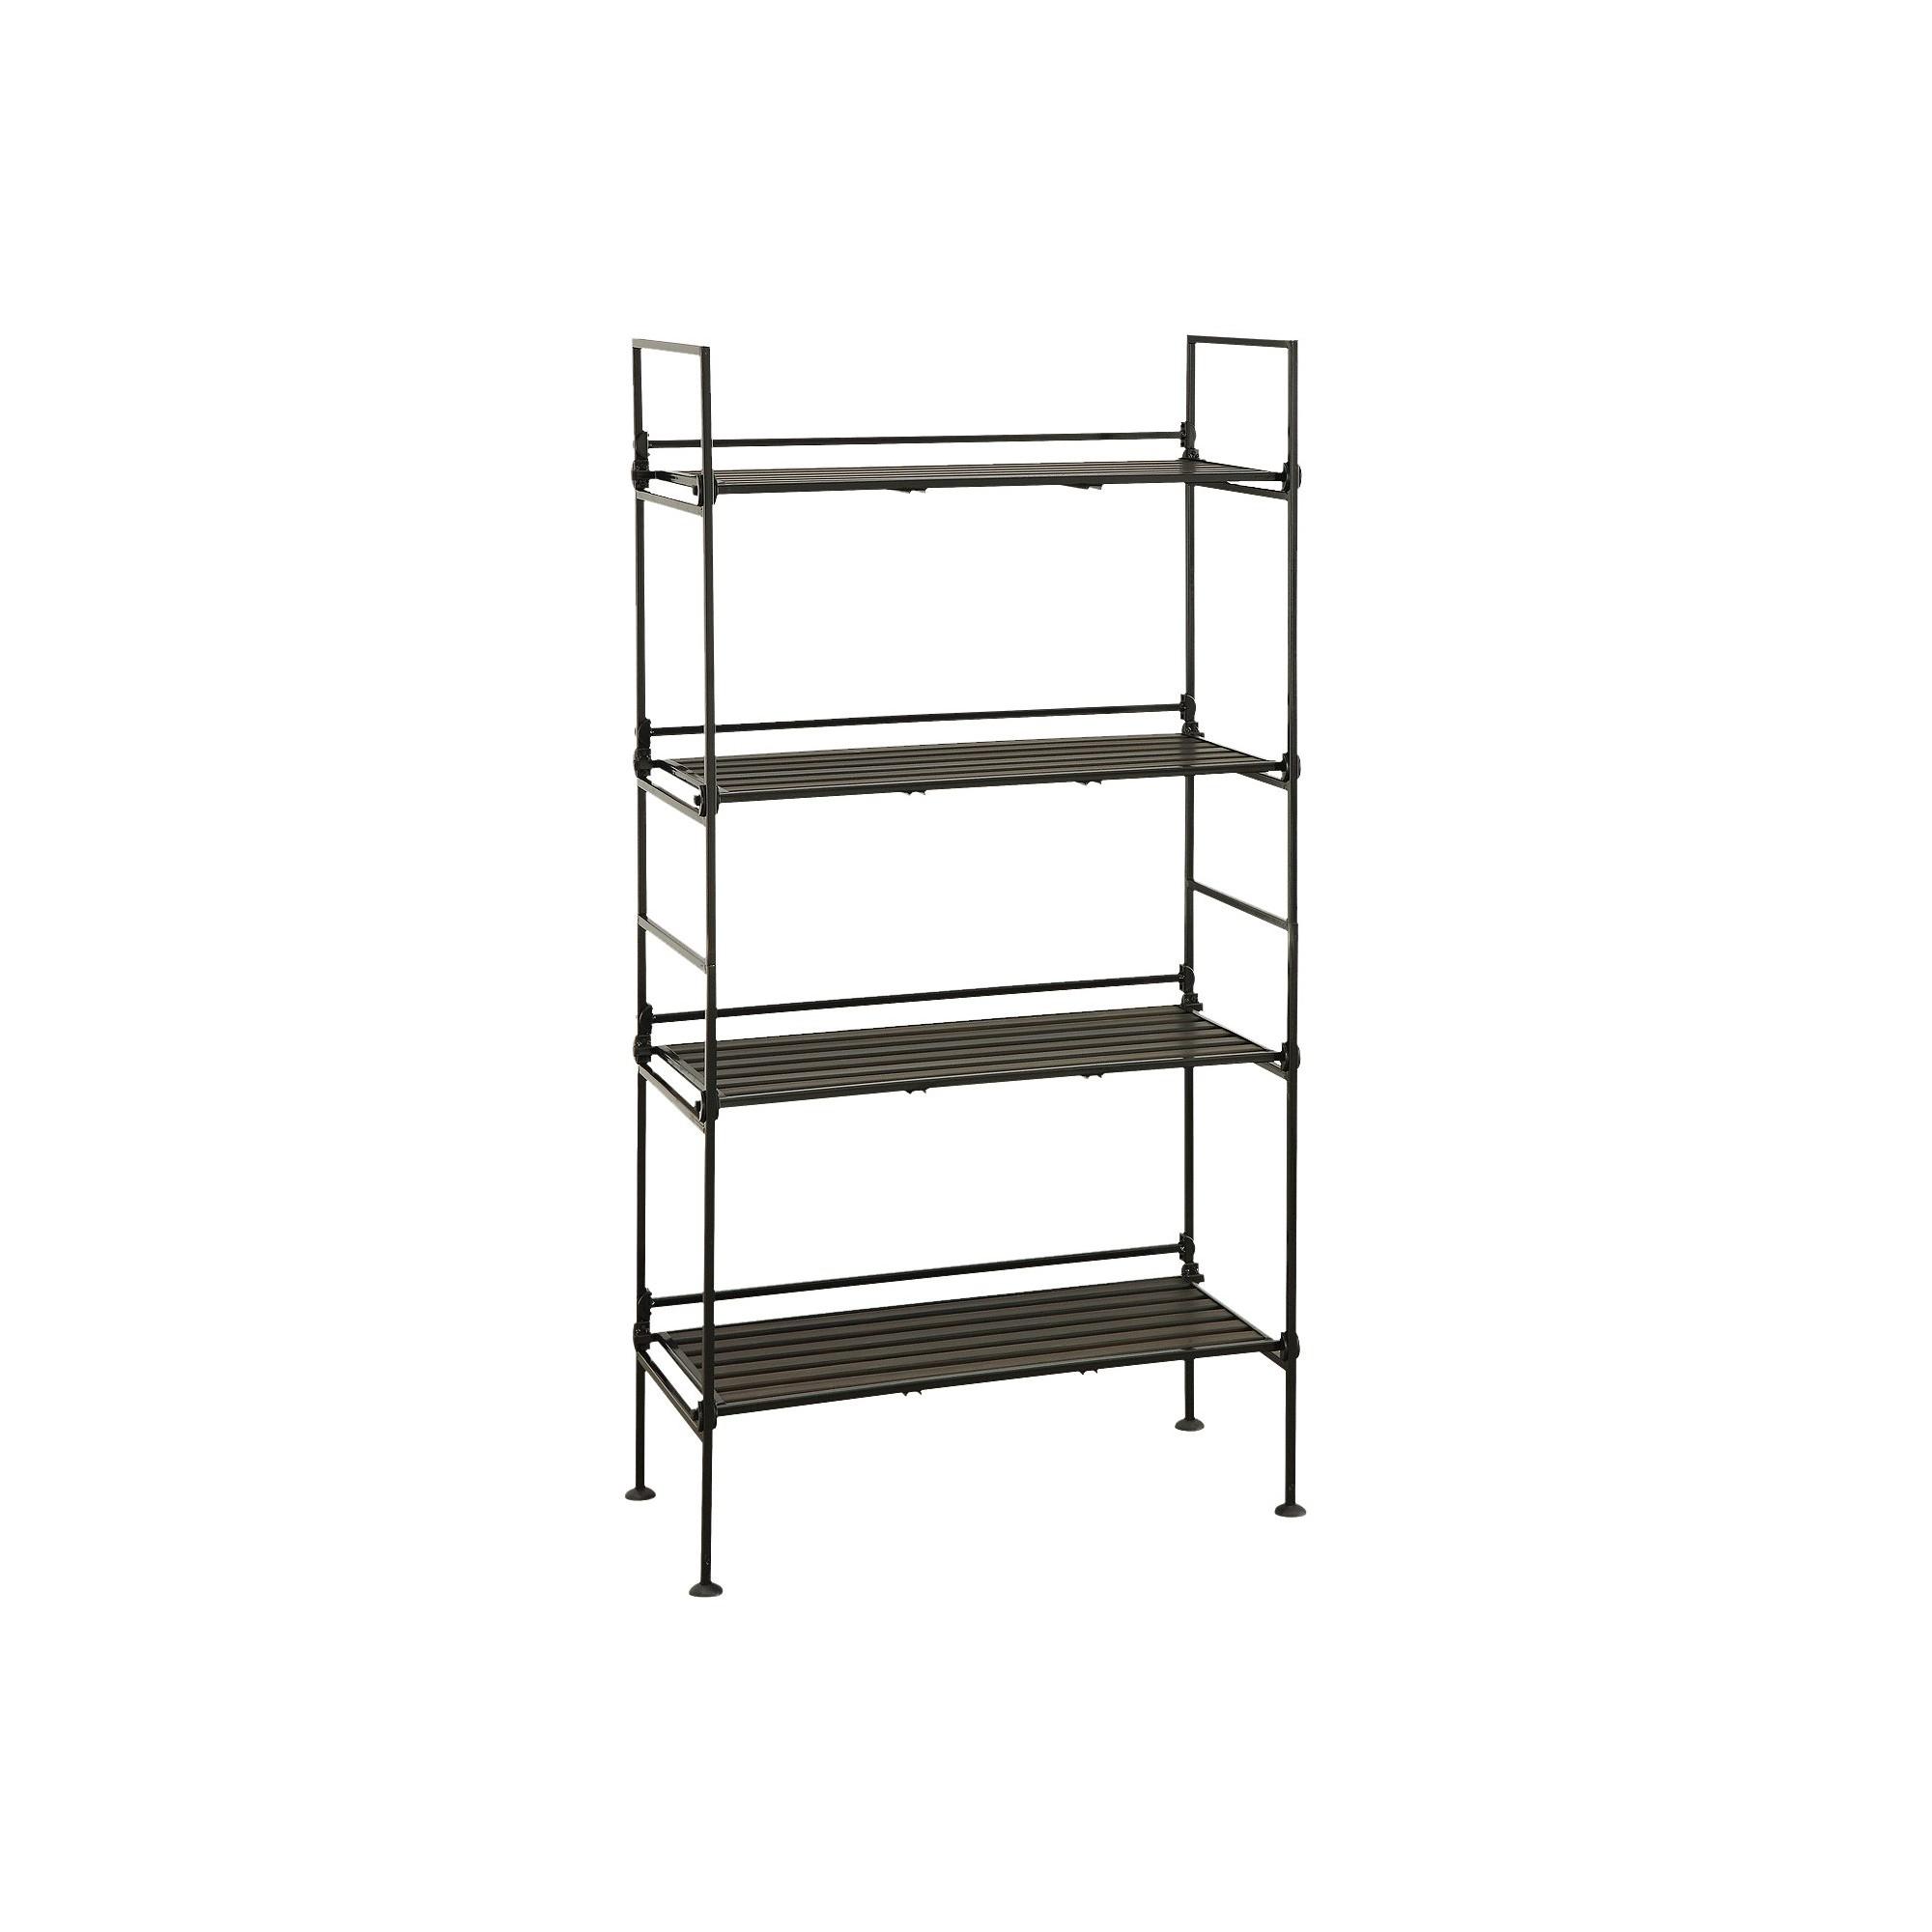 Neu Home 4 Tier Shelf, Utility Storage Shelves